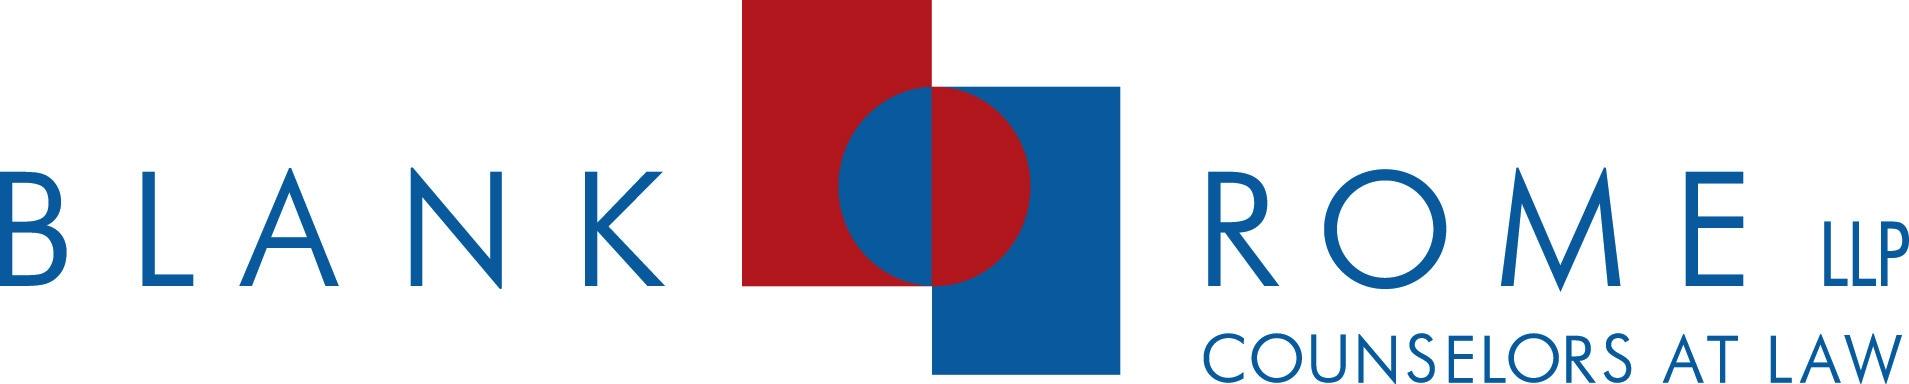 Blank-Rome-LLP-Logo.jpg